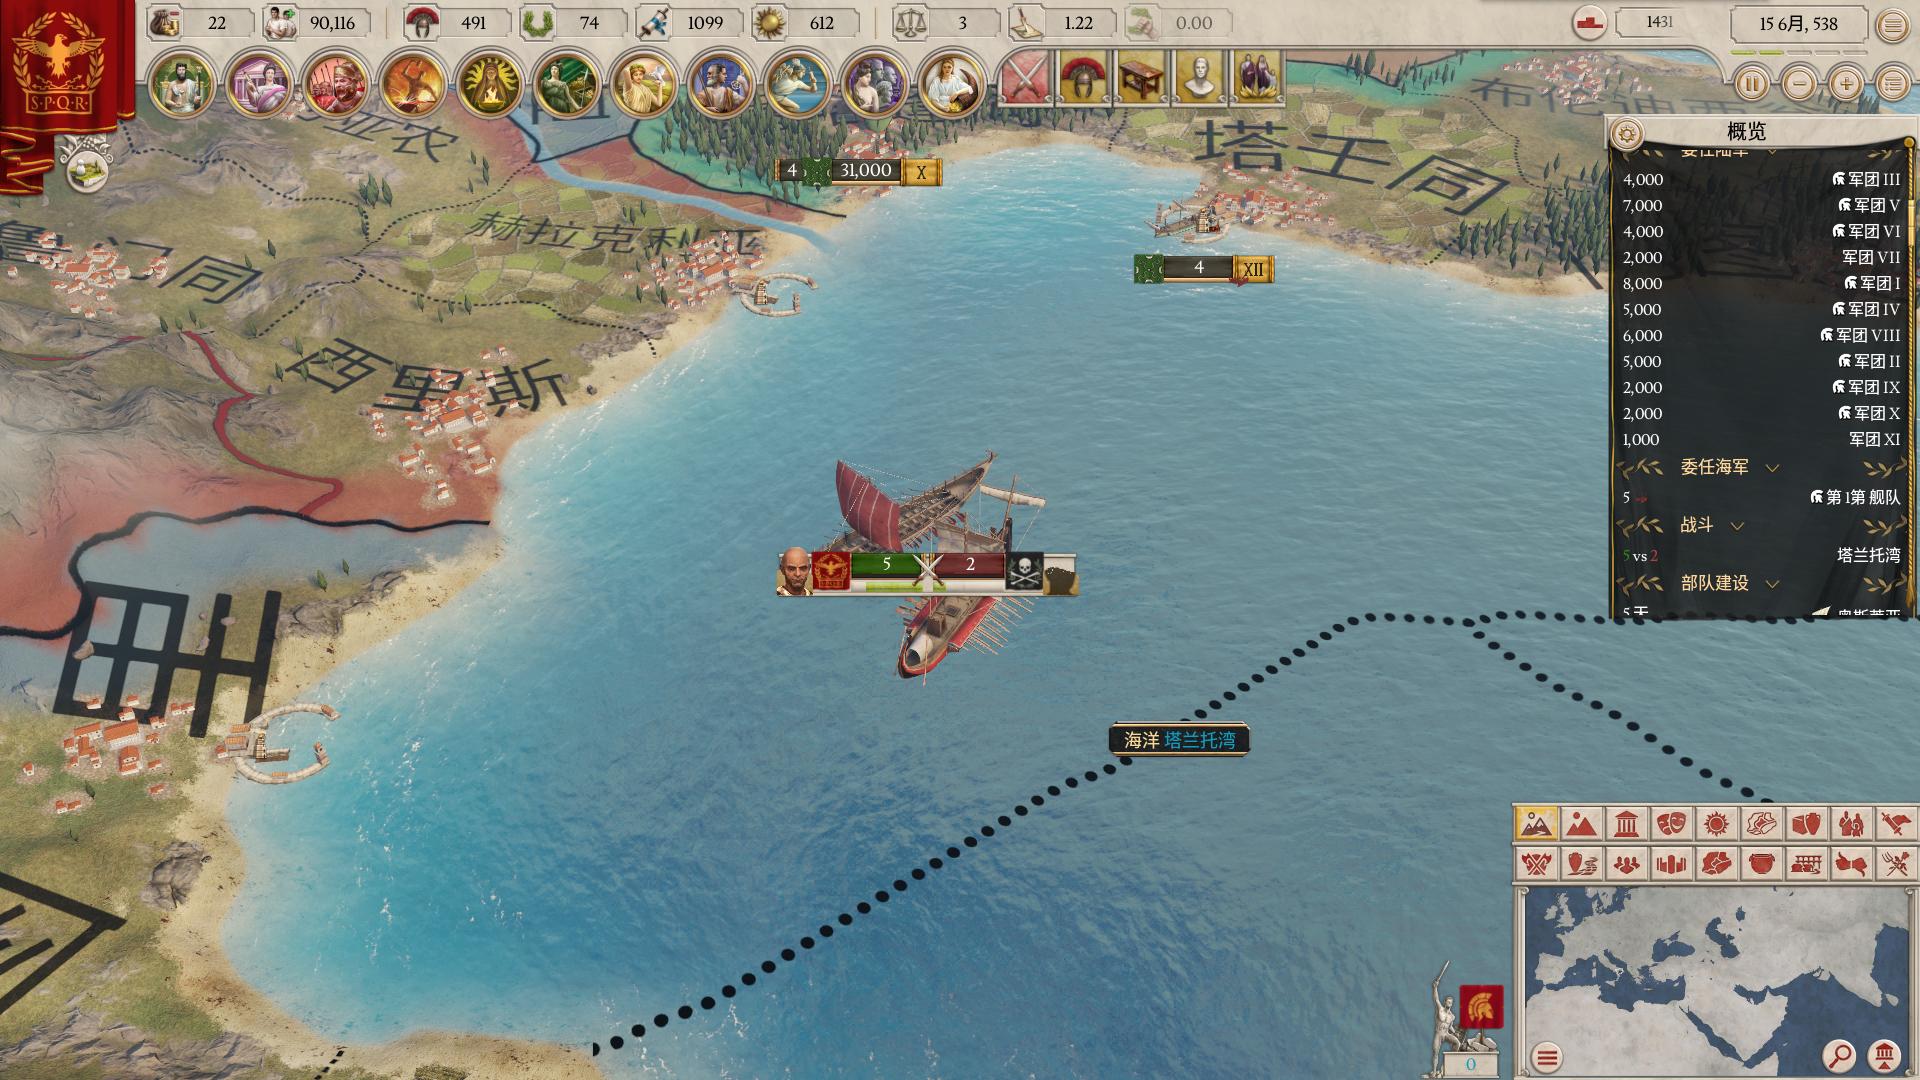 《大将军:罗马》评测:一颗没有蛋黄的鸡蛋